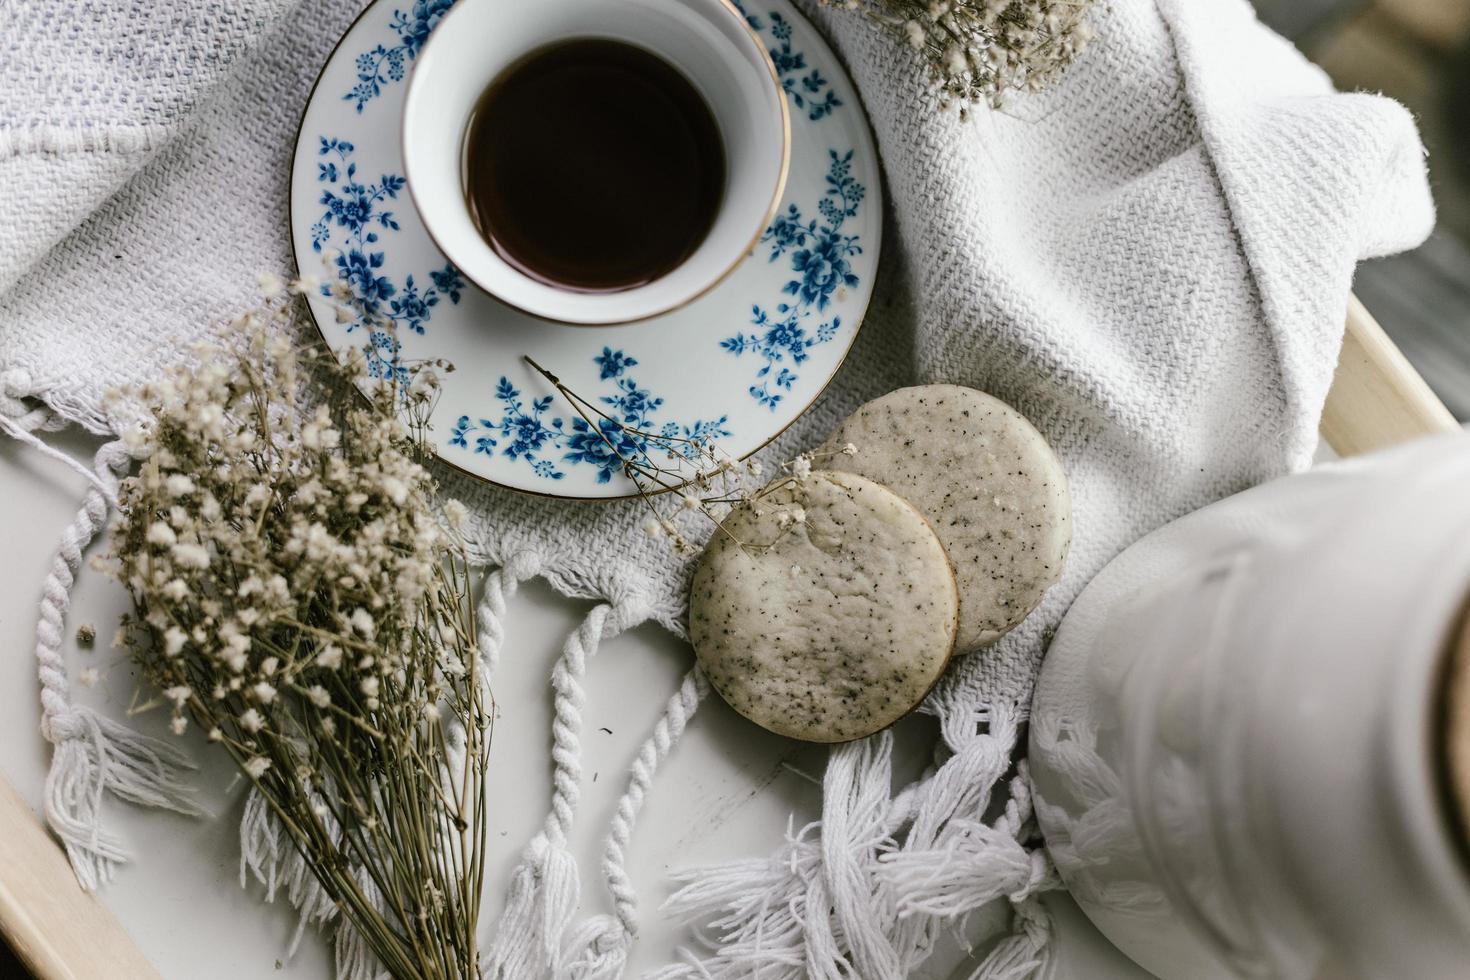 tazza di caffè e biscotti sul vassoio foto